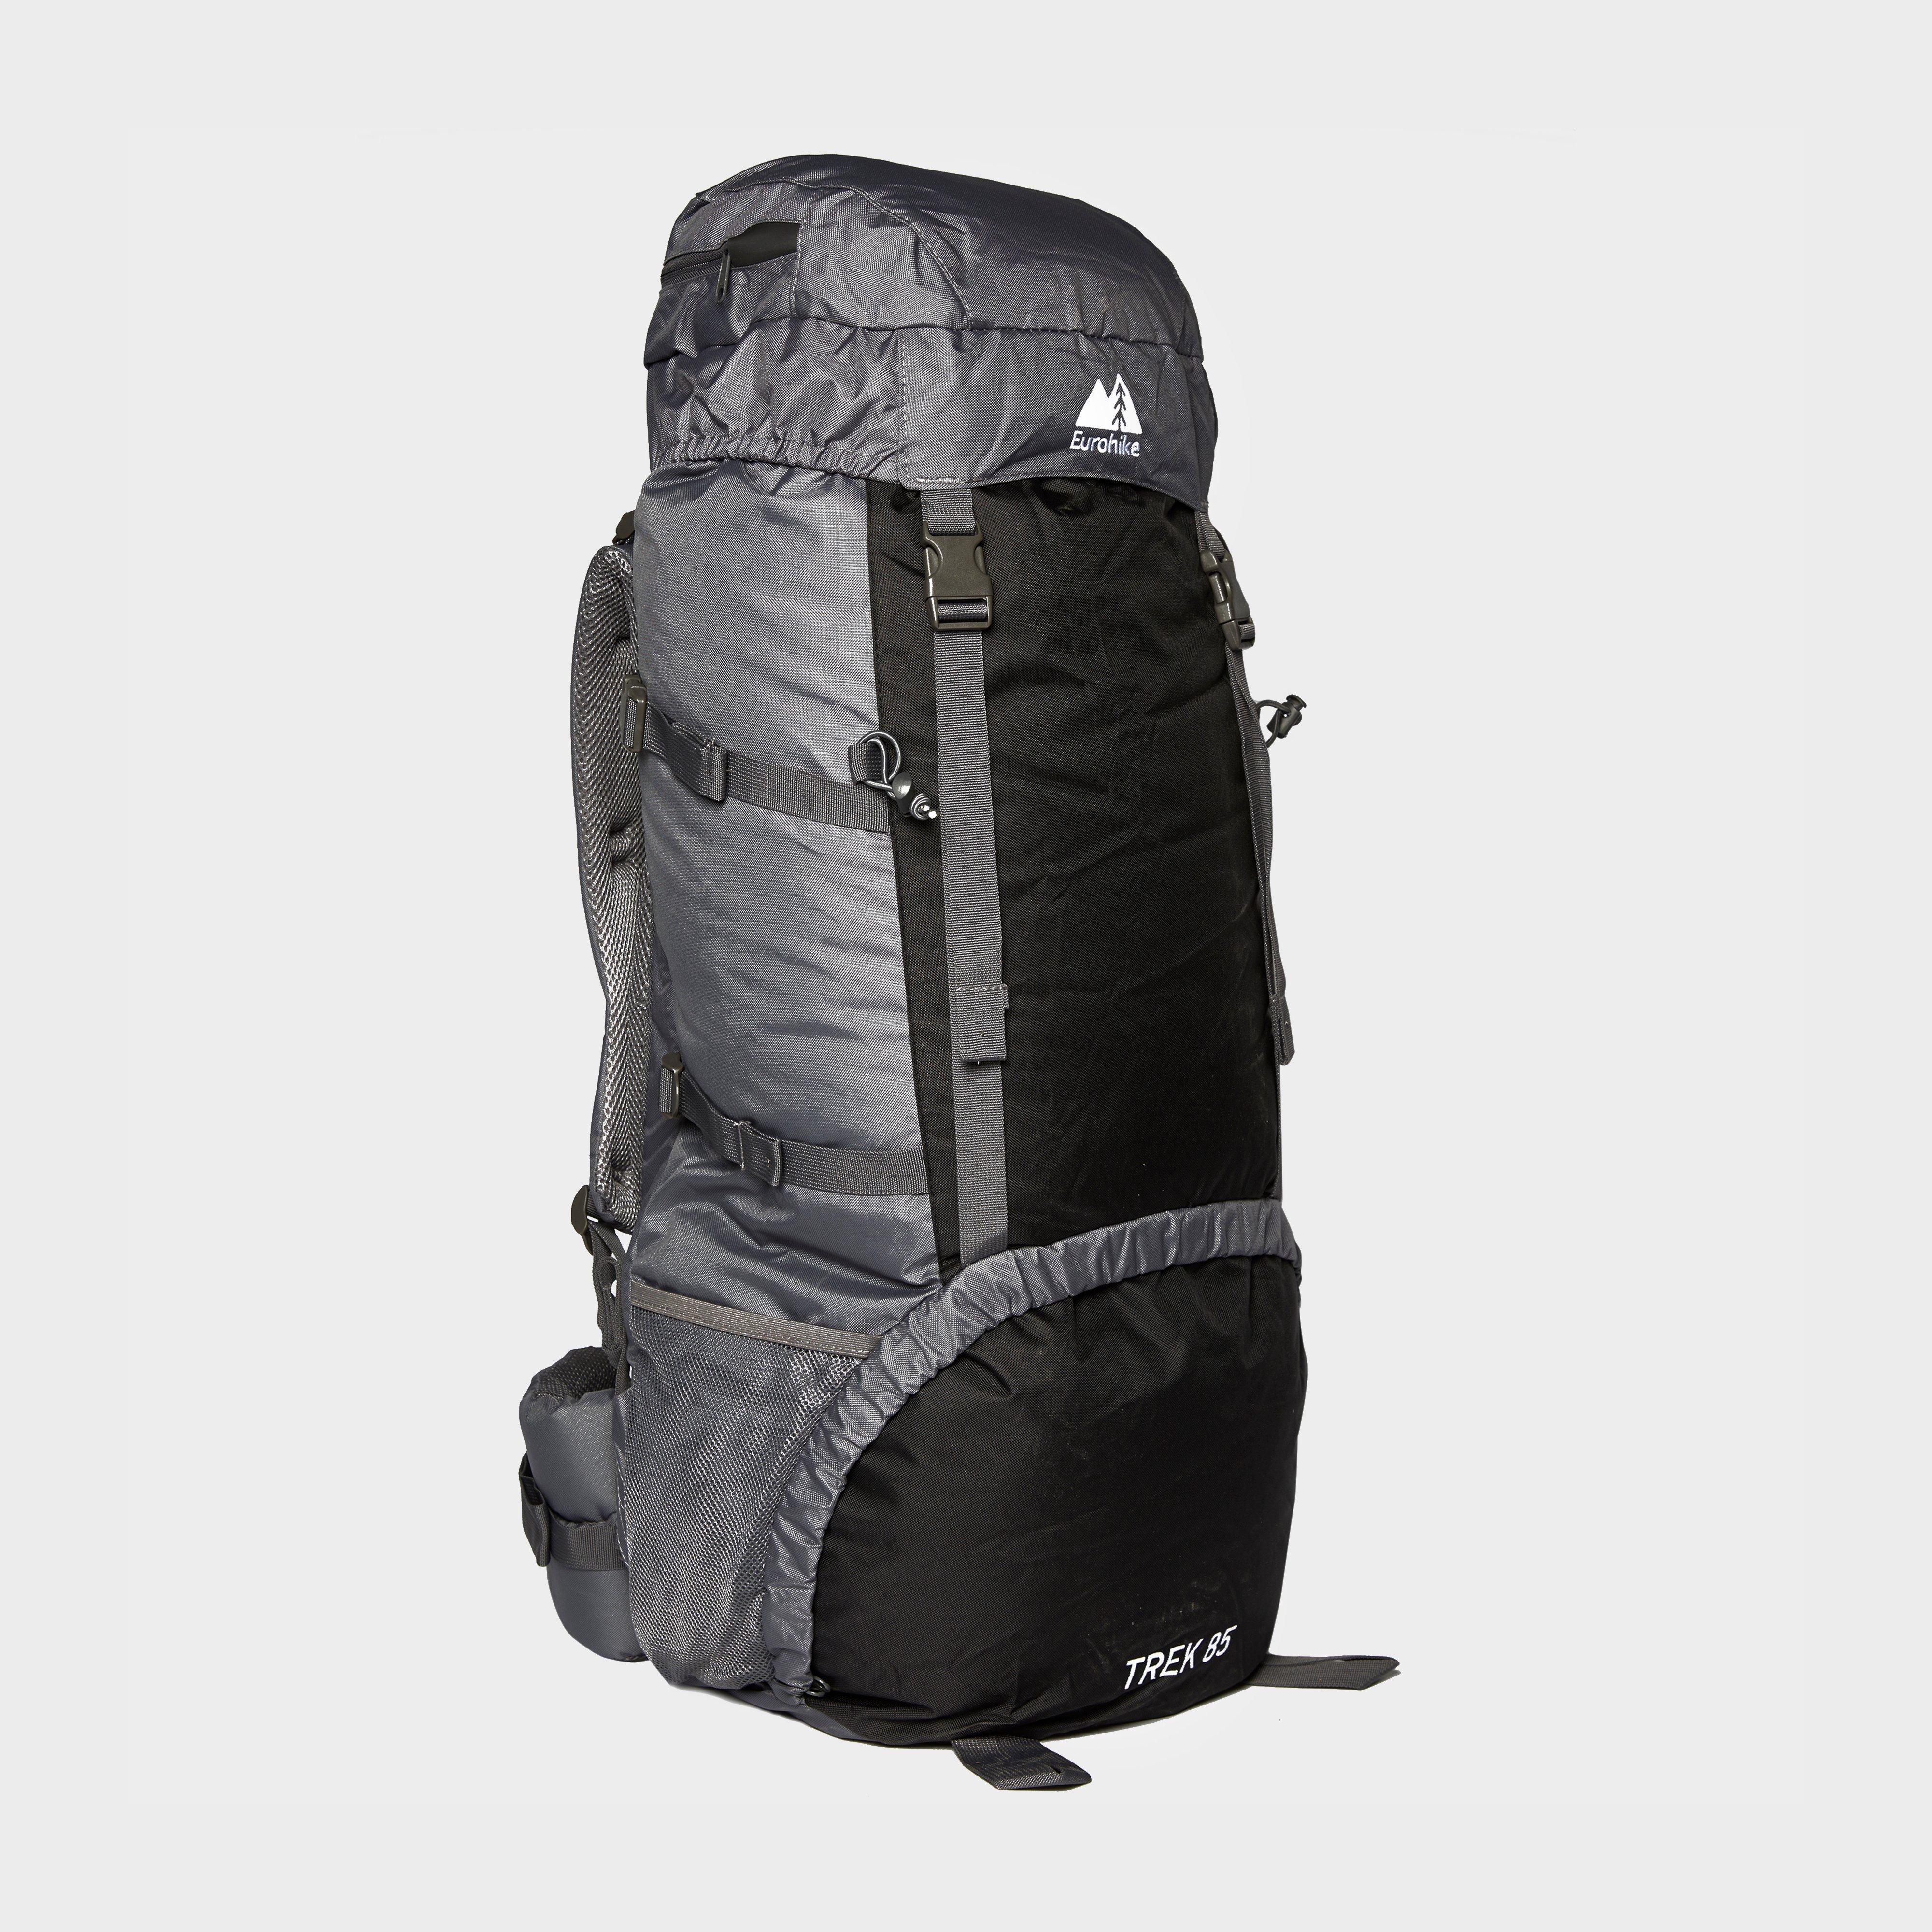 Eurohike Eurohike Trek 85L Backpack - Grey, Grey